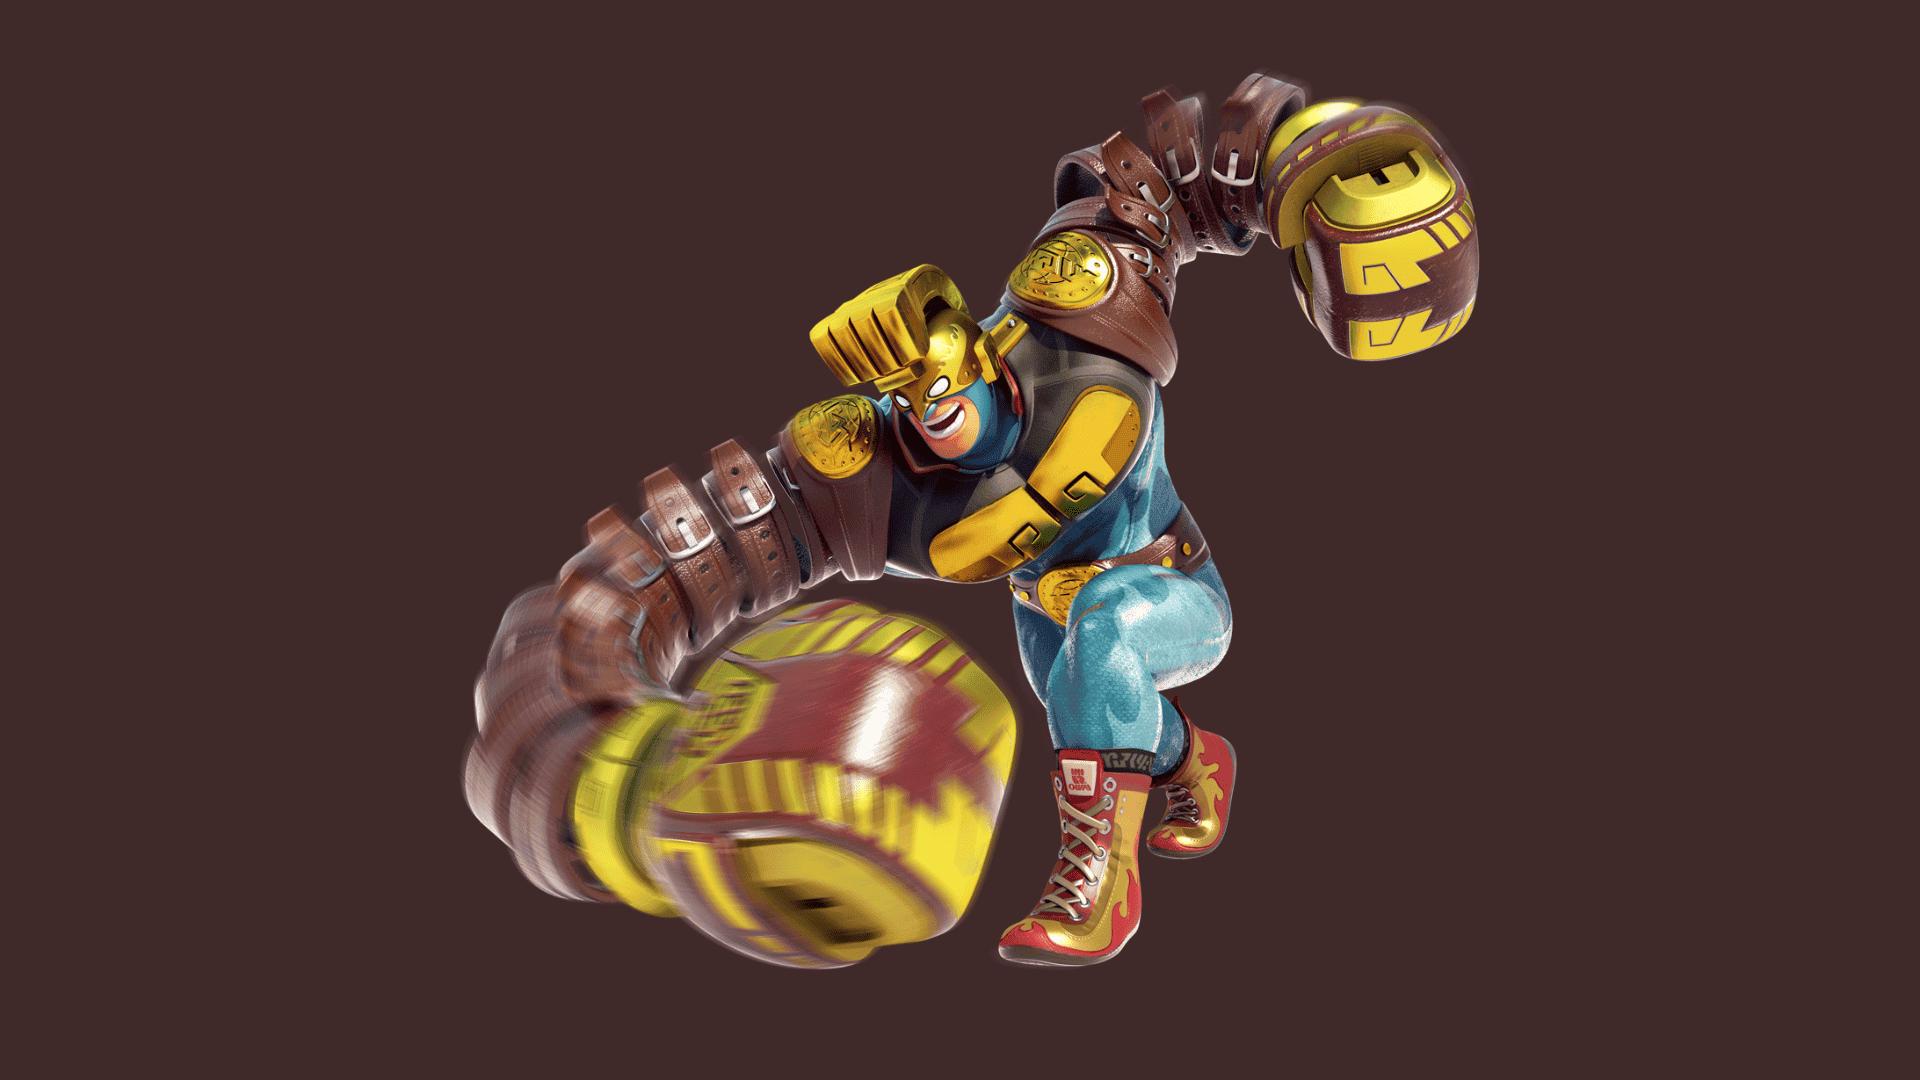 Primer vistazo a las variantes de color de Max Brass en ARMS